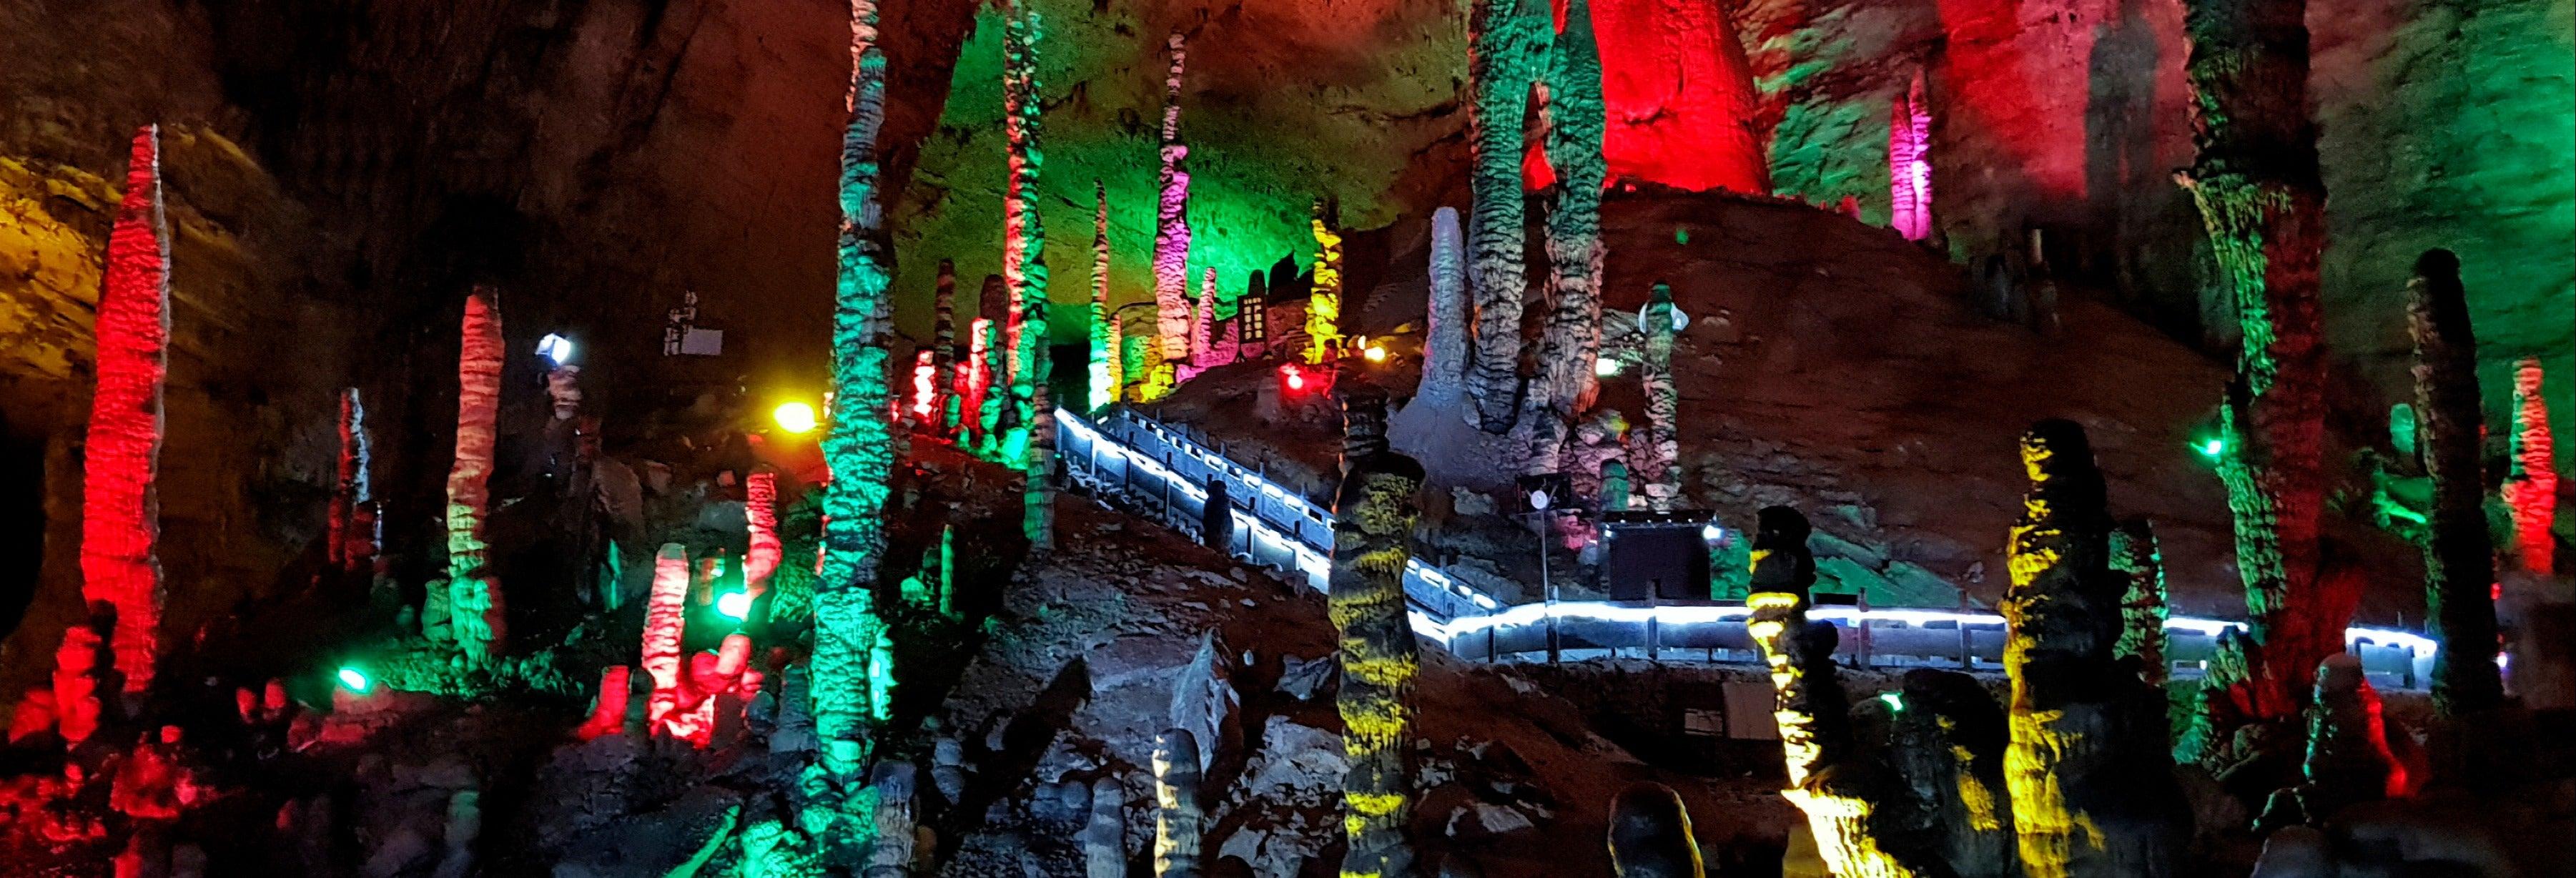 Excursion au Grand Canyon + Grotte du Dragon Jaune